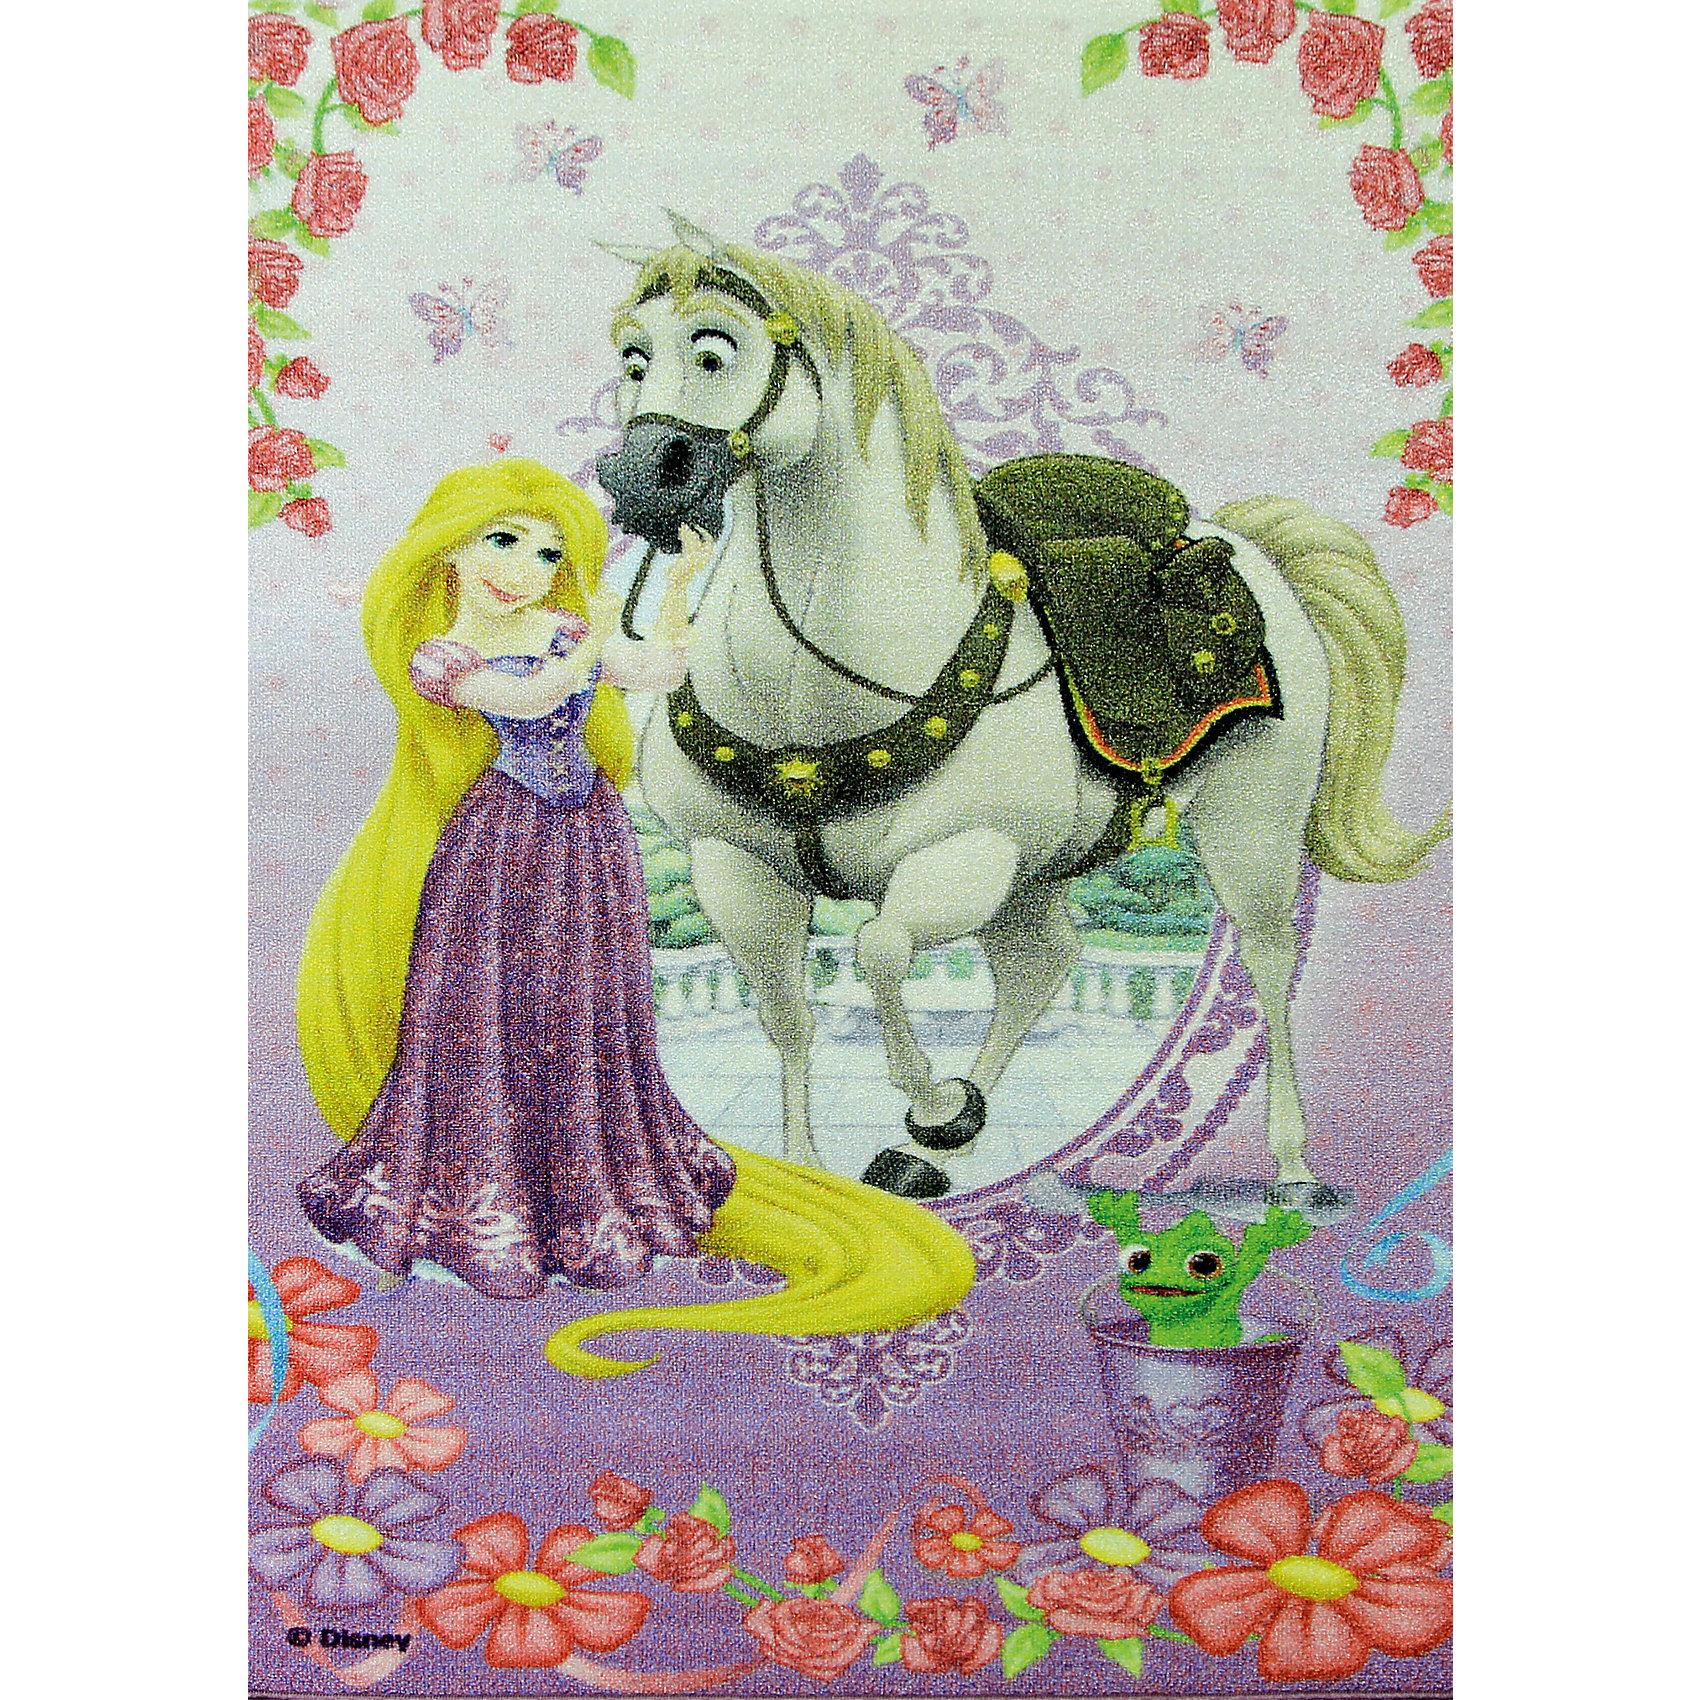 Ковер Рапунцель и конь Максимус 80*133 см, Принцессы ДиснейКовер Рапунцель и конь Максимус 80*133 см, Принцессы Дисней – яркий красочный ковер, за которым легко ухаживать сделает комнату уютной.<br>Позитивный качественный детский ковёр, коллекции Disney, с очаровательной Рапунцель и белоснежным конем Максимусом, любимыми героями знаменитого диснеевского мультфильма «Рапунцель: Запутанная история» украсит интерьер детской комнаты и наполнит мир вашей девочки яркими и живыми красками. Детские ковры Disney очень практичны, изготовлены из безопасных и высококачественных синтетических материалов, стойки к истиранию и не выгорают. По краям ковры аккуратно обшиты. Полиамидный ворс не впитывает влагу, что существенно облегчает уход за изделием, а латексная основа не скользит по полу. Небольшой размер и вес позволит без труда перемещать ковер в разные места комнаты и легко производить уборку под ковром.<br><br>Дополнительная информация:<br><br>- Размер: 80х133 см.<br>- Высота ворса: 4 мм.<br>- Вес ковра: 1,3 кг/м2<br>- Состав ворса: 100% полиамид<br>- Состав основы: гелиевая<br>- Цвет: сиреневый<br>- Вид производства: машинное<br><br>Ковер Рапунцель и конь Максимус 80*133 см, Принцессы Дисней можно купить в нашем интернет-магазине.<br><br>Ширина мм: 200<br>Глубина мм: 200<br>Высота мм: 800<br>Вес г: 1277<br>Возраст от месяцев: 36<br>Возраст до месяцев: 120<br>Пол: Женский<br>Возраст: Детский<br>SKU: 4466018